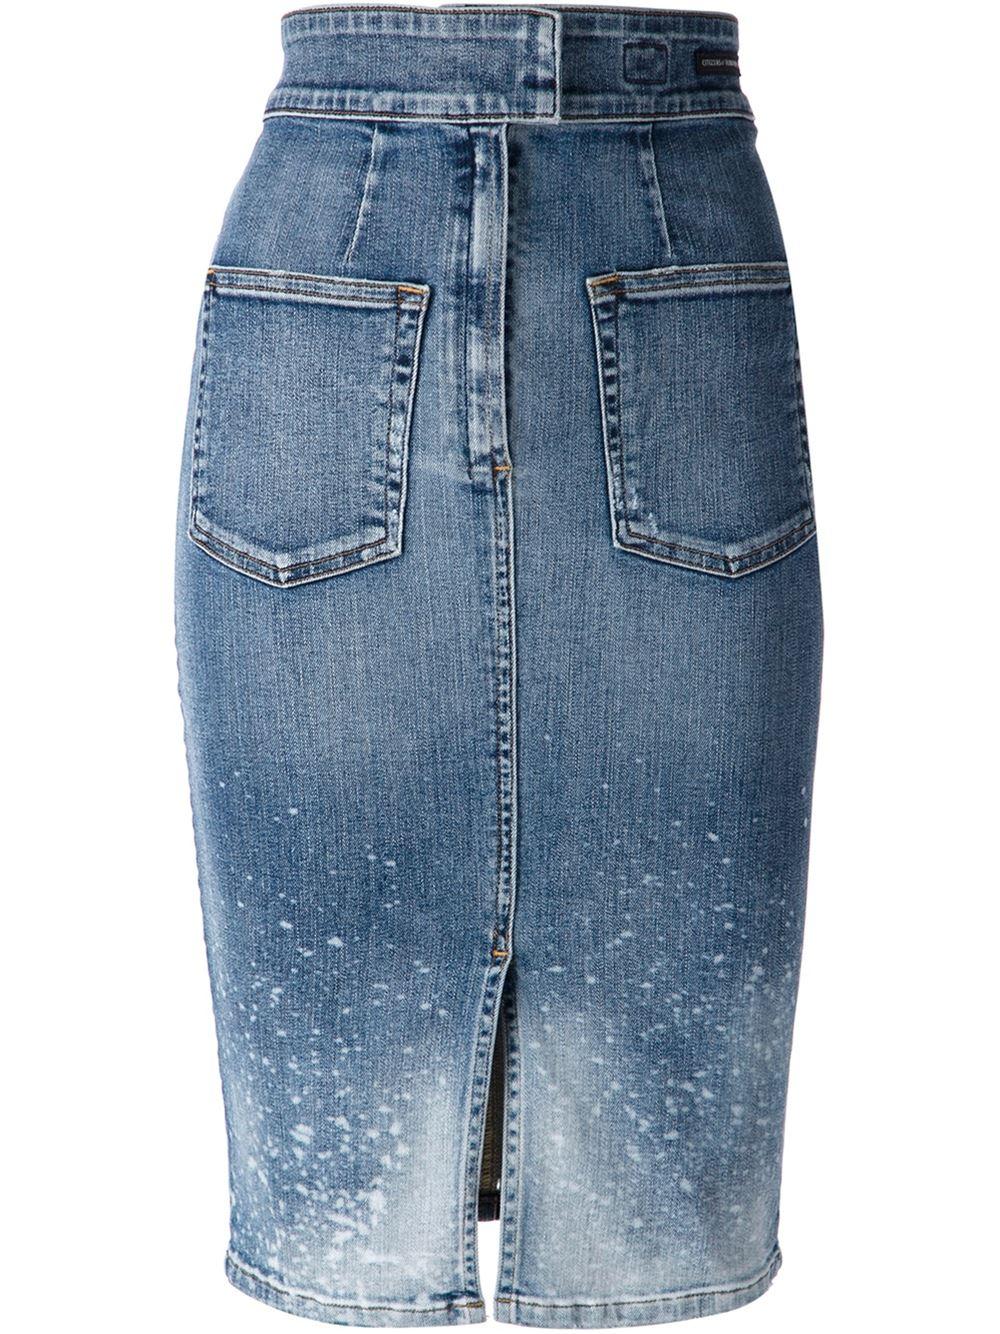 citizens of humanity splatter effect denim skirt in blue